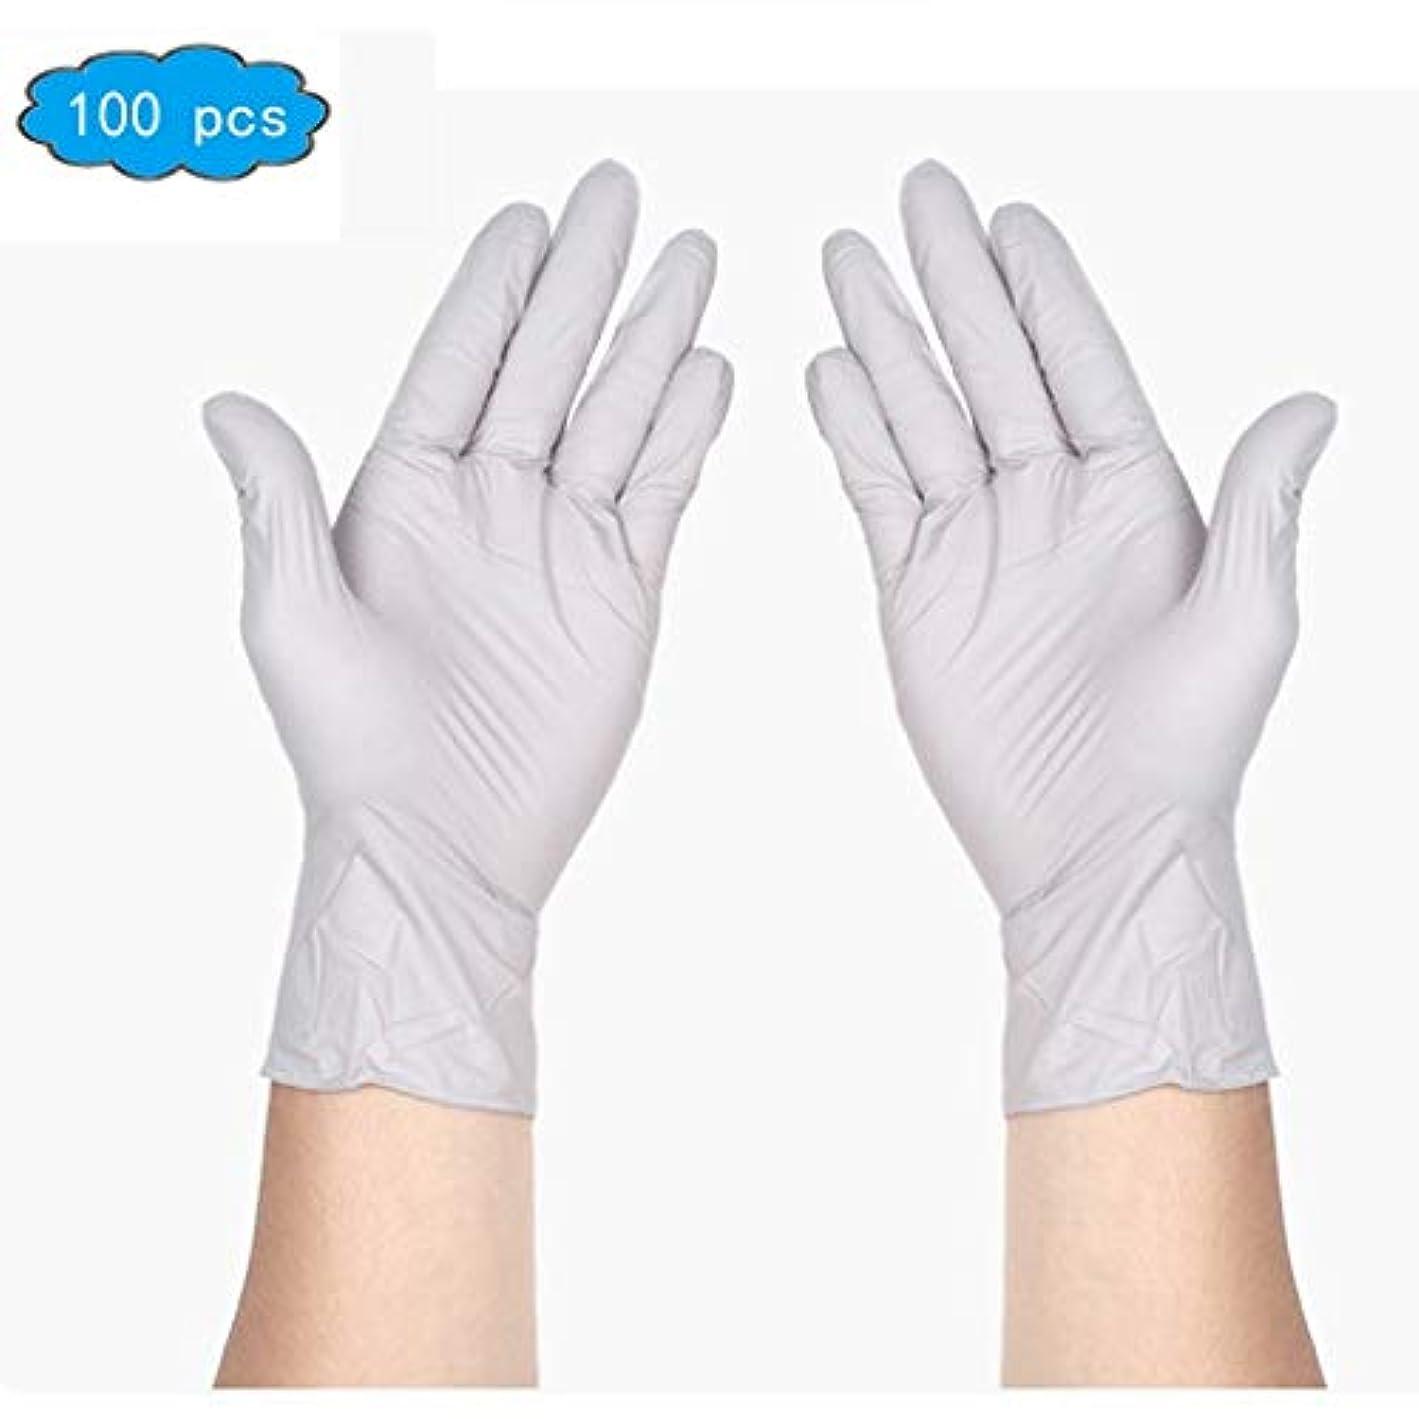 熱サンダルガイダンスニトリル試験用手袋 - 医療用グレード、パウダーフリー、ラテックスラバーフリー、使い捨て、非滅菌、食品安全、テクスチャード加工、白色、2.5ミル、便利なディスペンサー、100個入り、サニタリーグローブ (Color :...